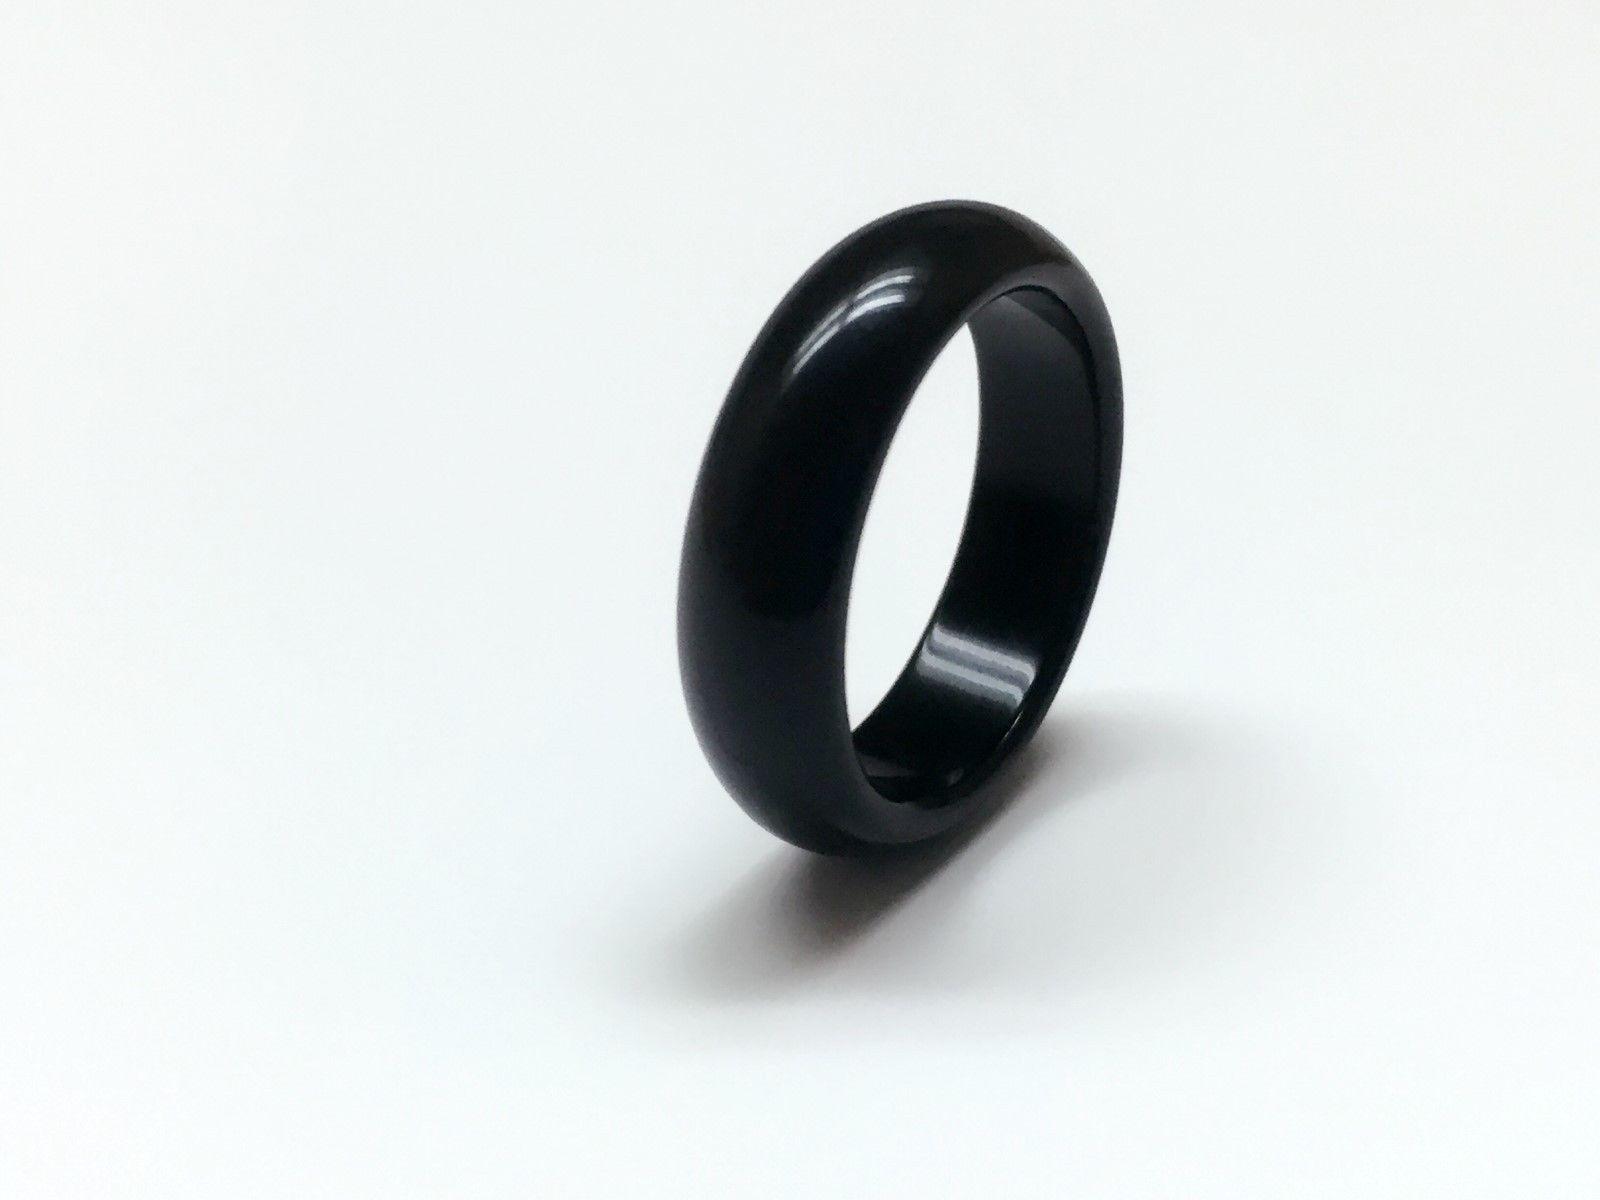 comprar popular 34429 f456c Compre 10 UNIDS 100% Natural Negro Obsidiana Pareja Anillo Negro Anillo  Personalizado Anillo Unisex A $8.04 Del China007awp | DHgate.Com